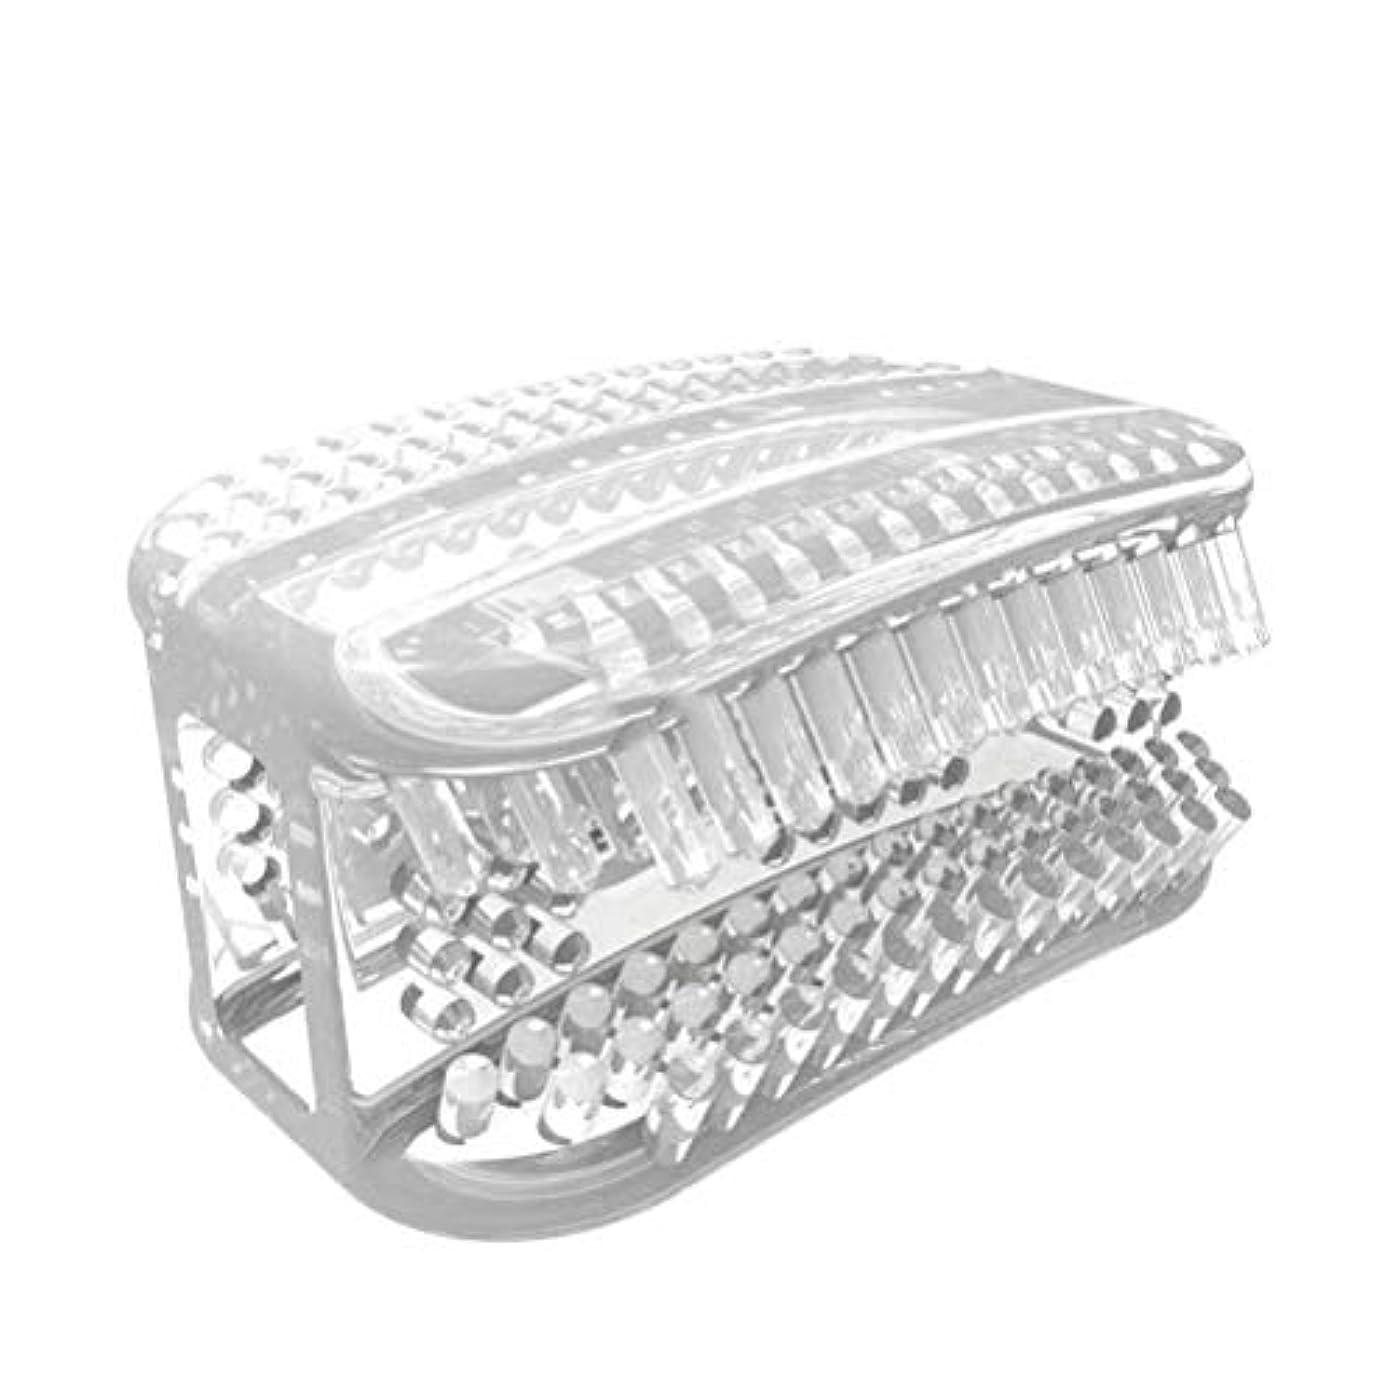 脚本リー馬力SUPVOX シリコン歯ブラシポータブル怠惰な人360°全周咀嚼歯ブラシ歯のクリーニングツール手動歯ブラシ(透明ホワイト)